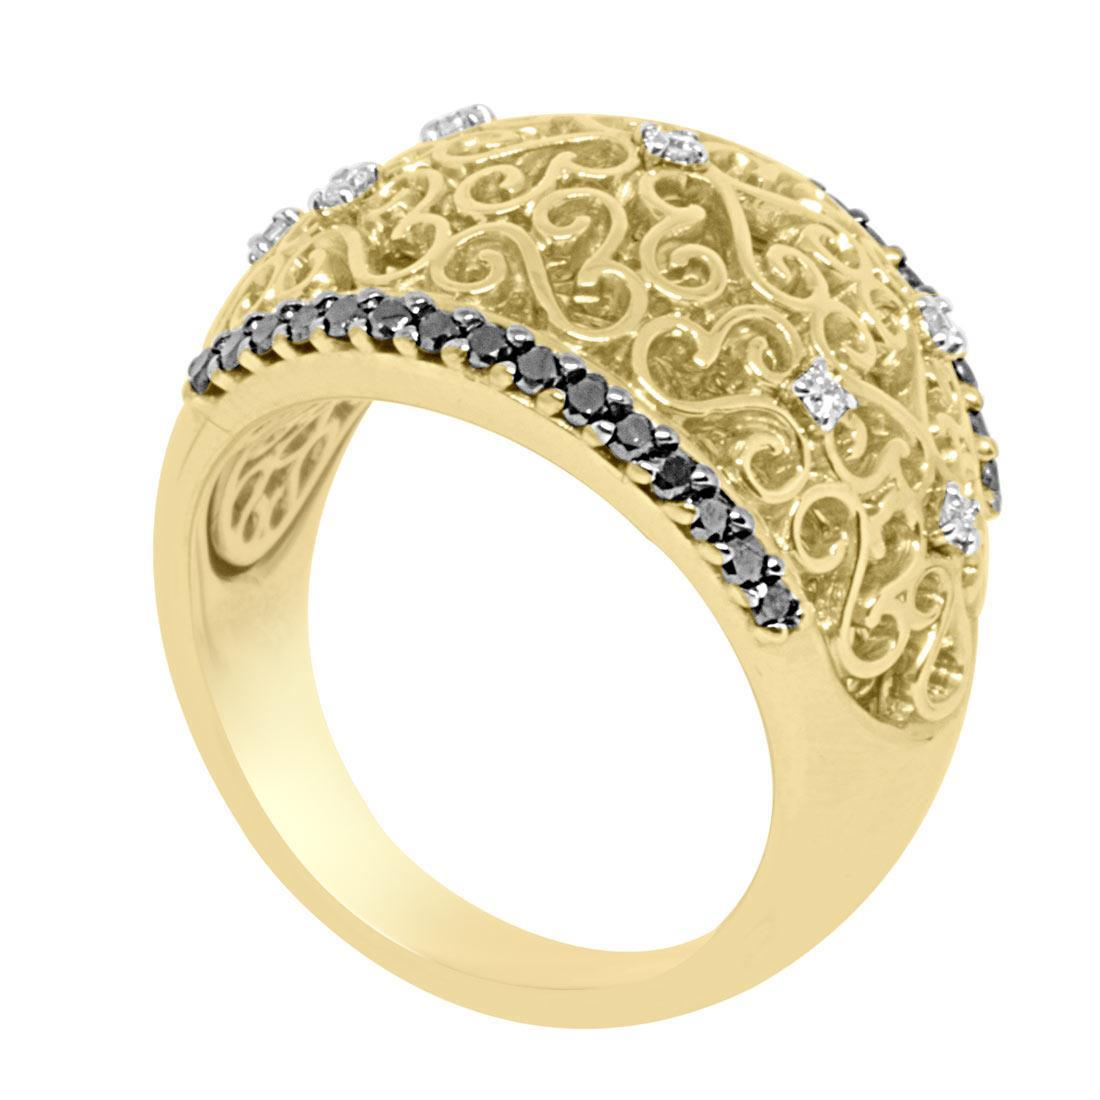 Anello a fascia in oro giallo con diamanti mis 14 - ALFIERI ST JOHN